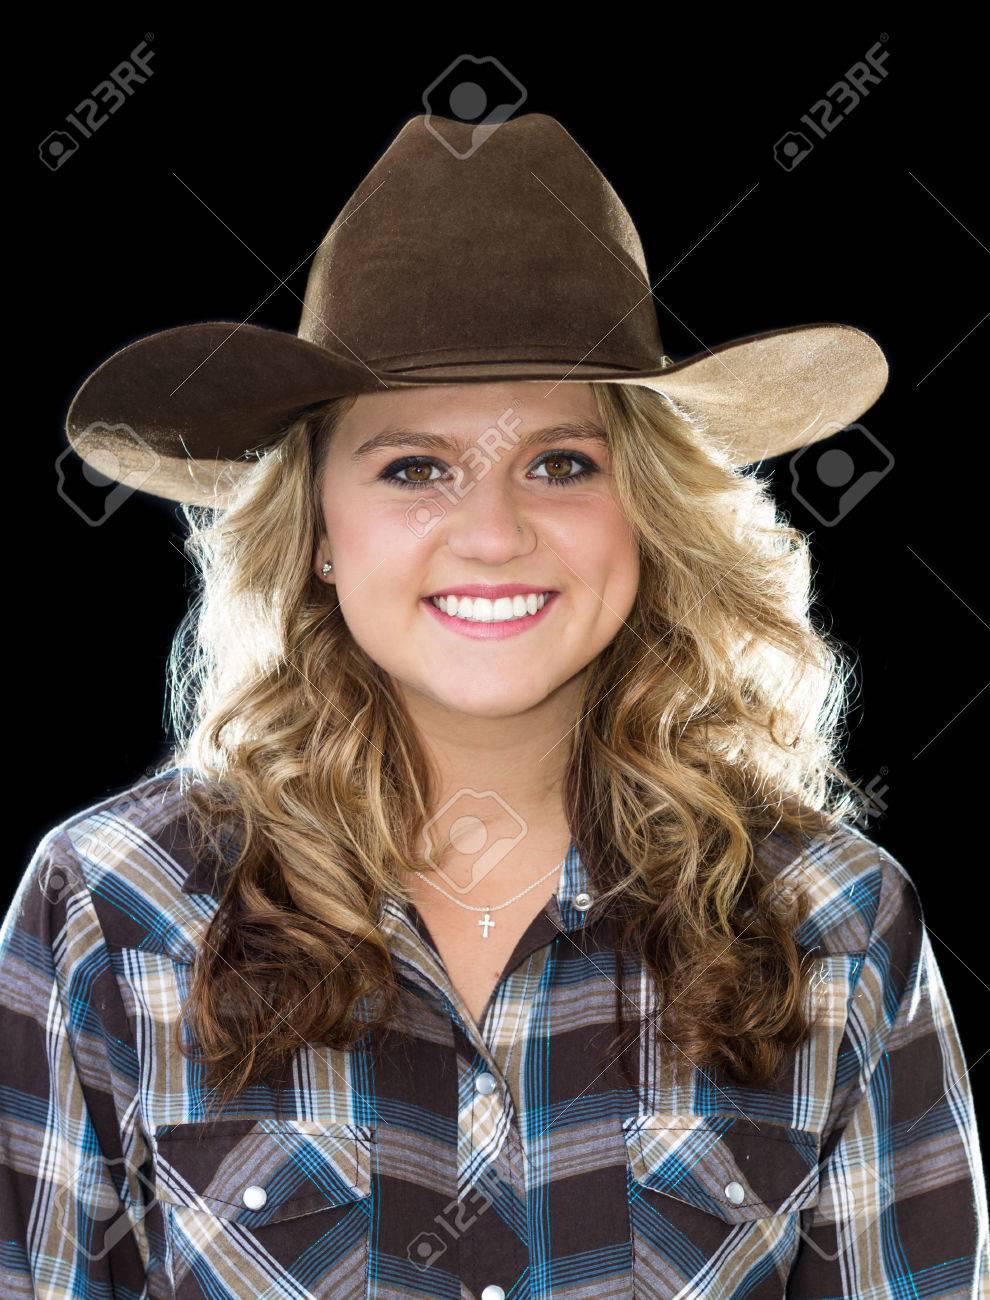 Foto de archivo - Retrato de un adolescente joven con atuendos occidentales  clásicos 746550894c6